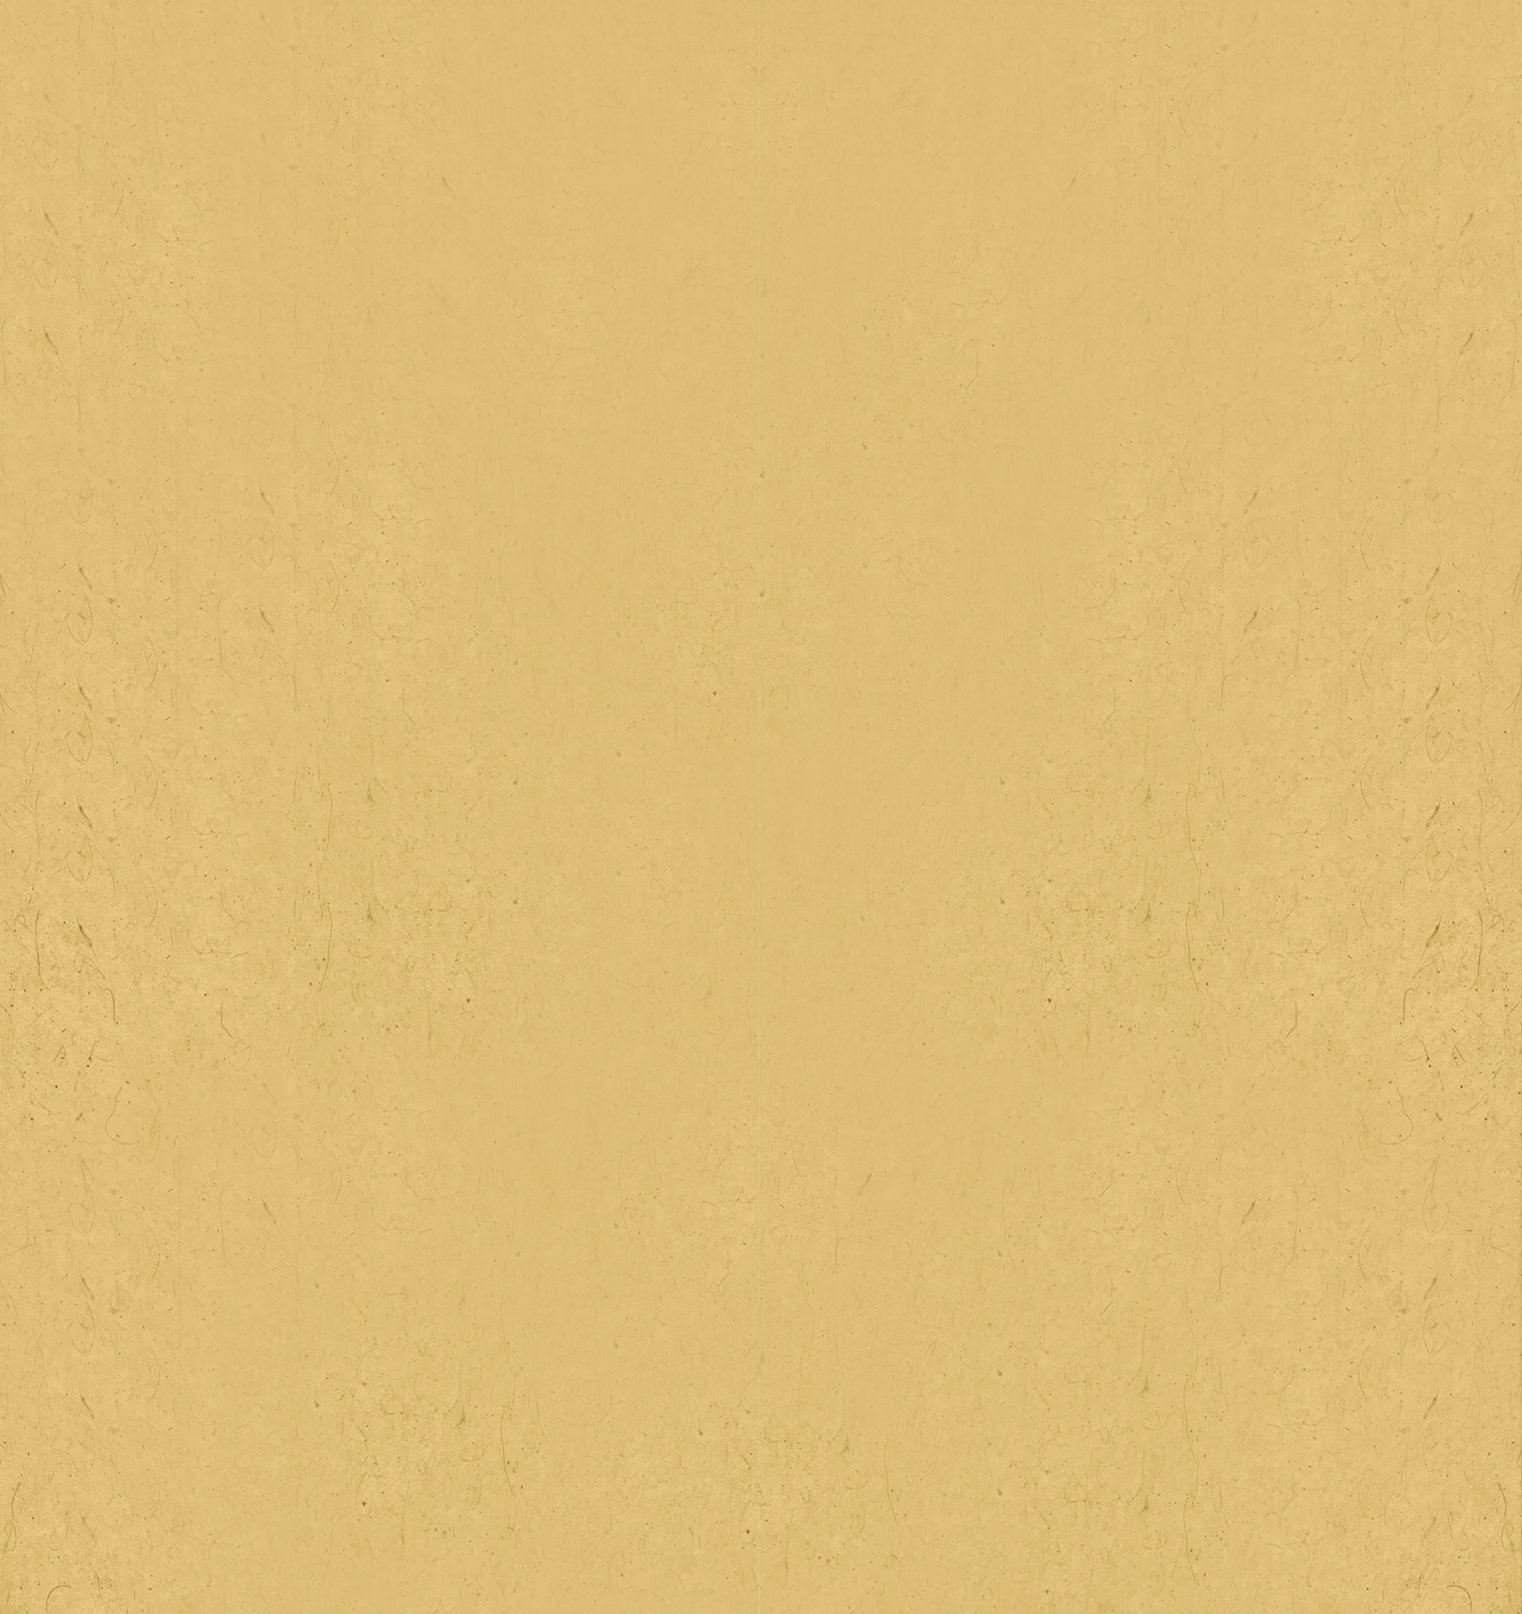 Screen Shot 2019-10-07 at 8.36.43 PM.png